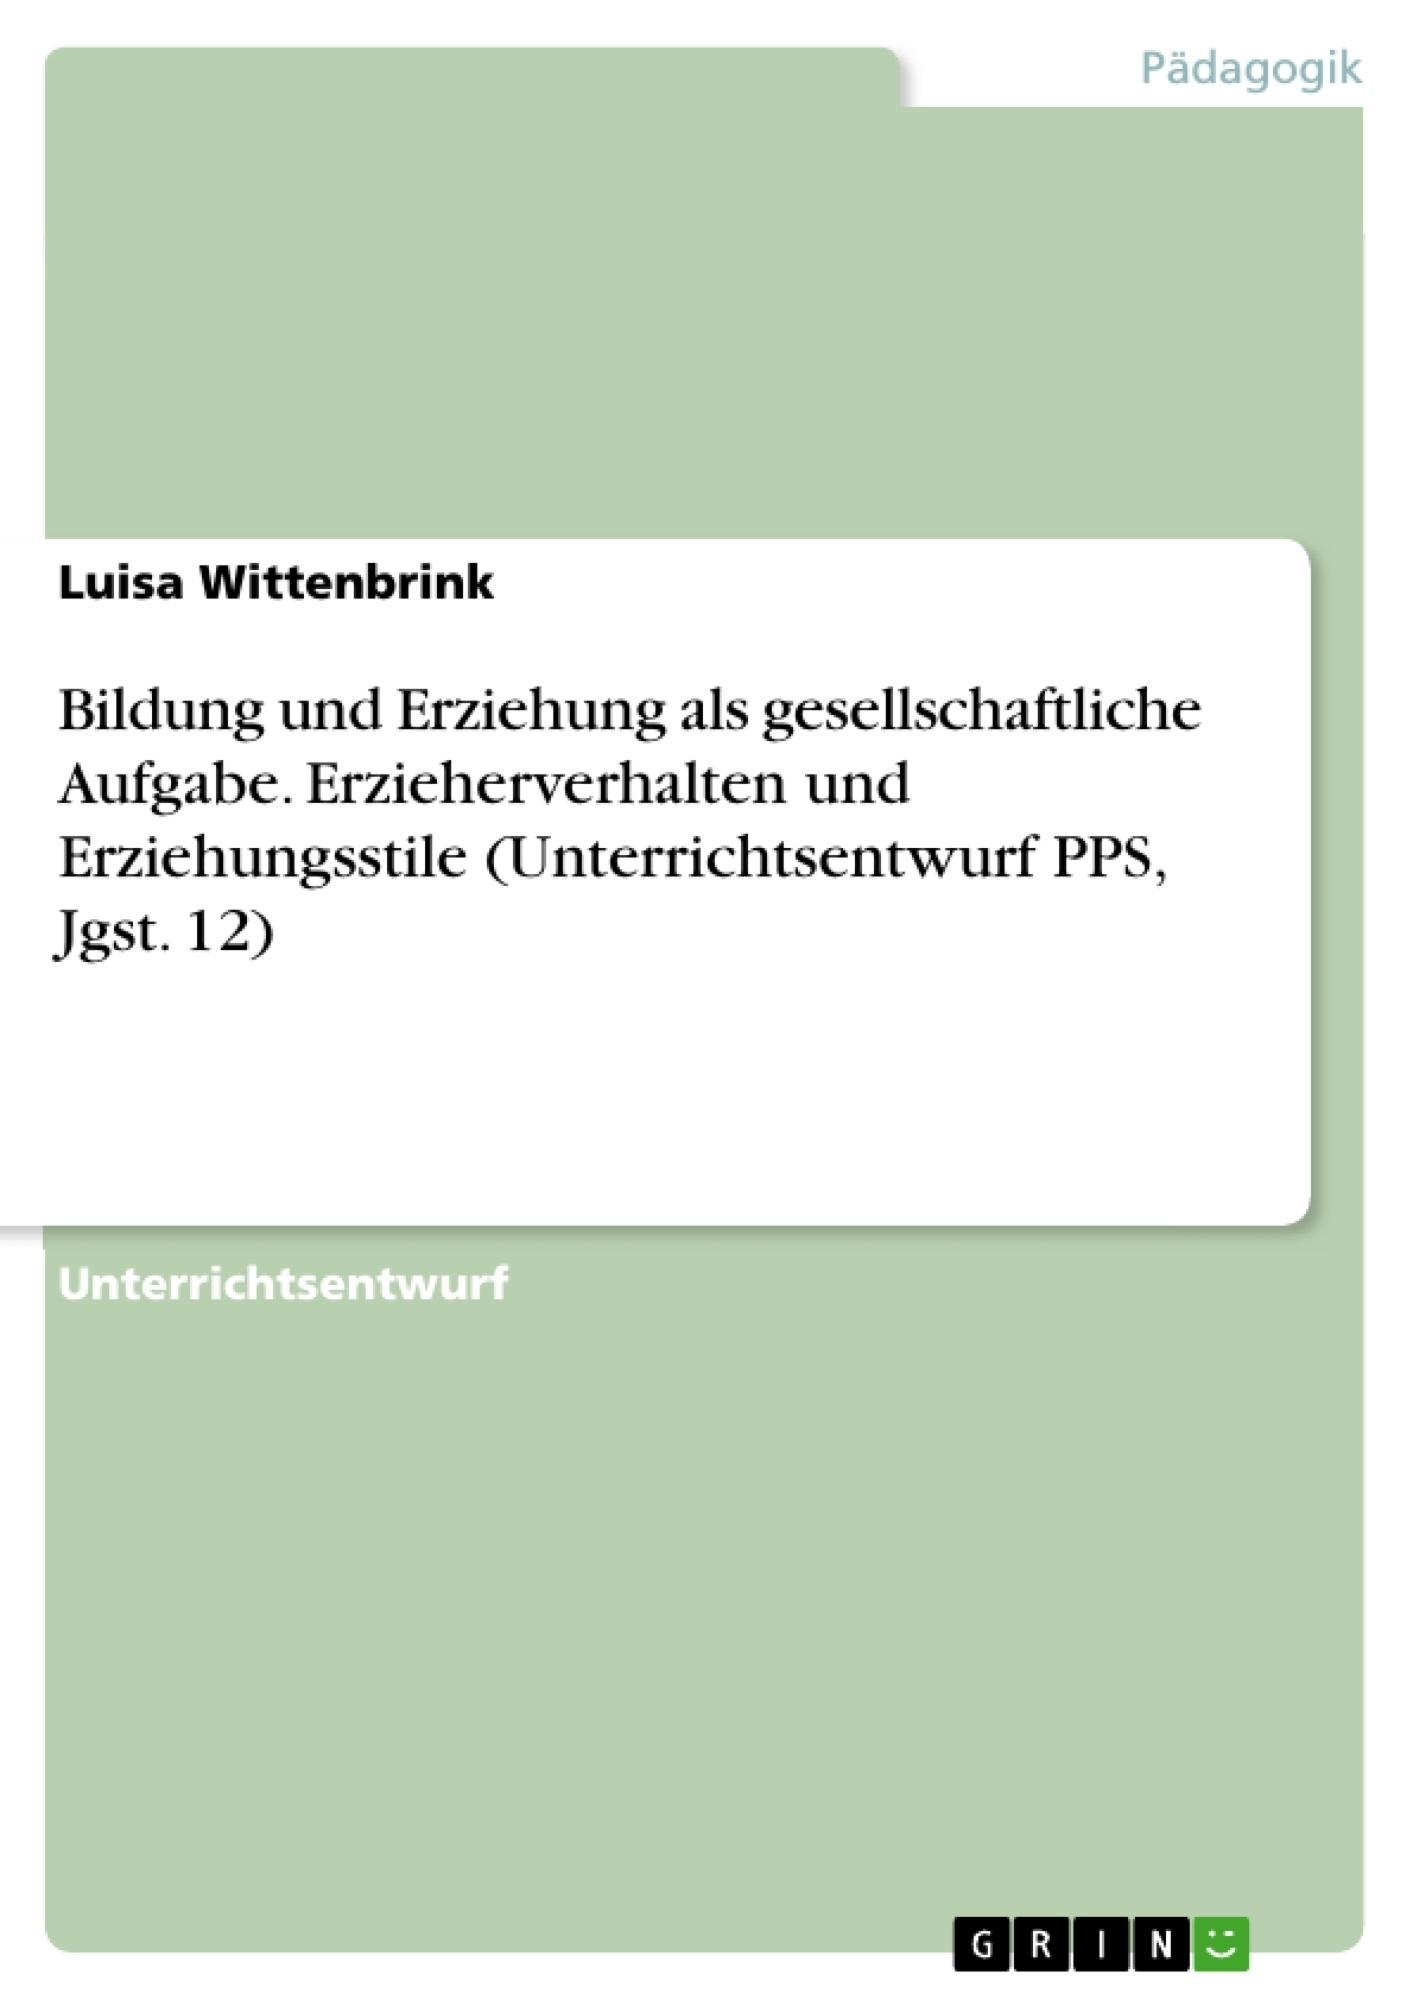 Titel: Bildung und Erziehung als gesellschaftliche Aufgabe. Erzieherverhalten und Erziehungsstile (Unterrichtsentwurf PPS, Jgst. 12)